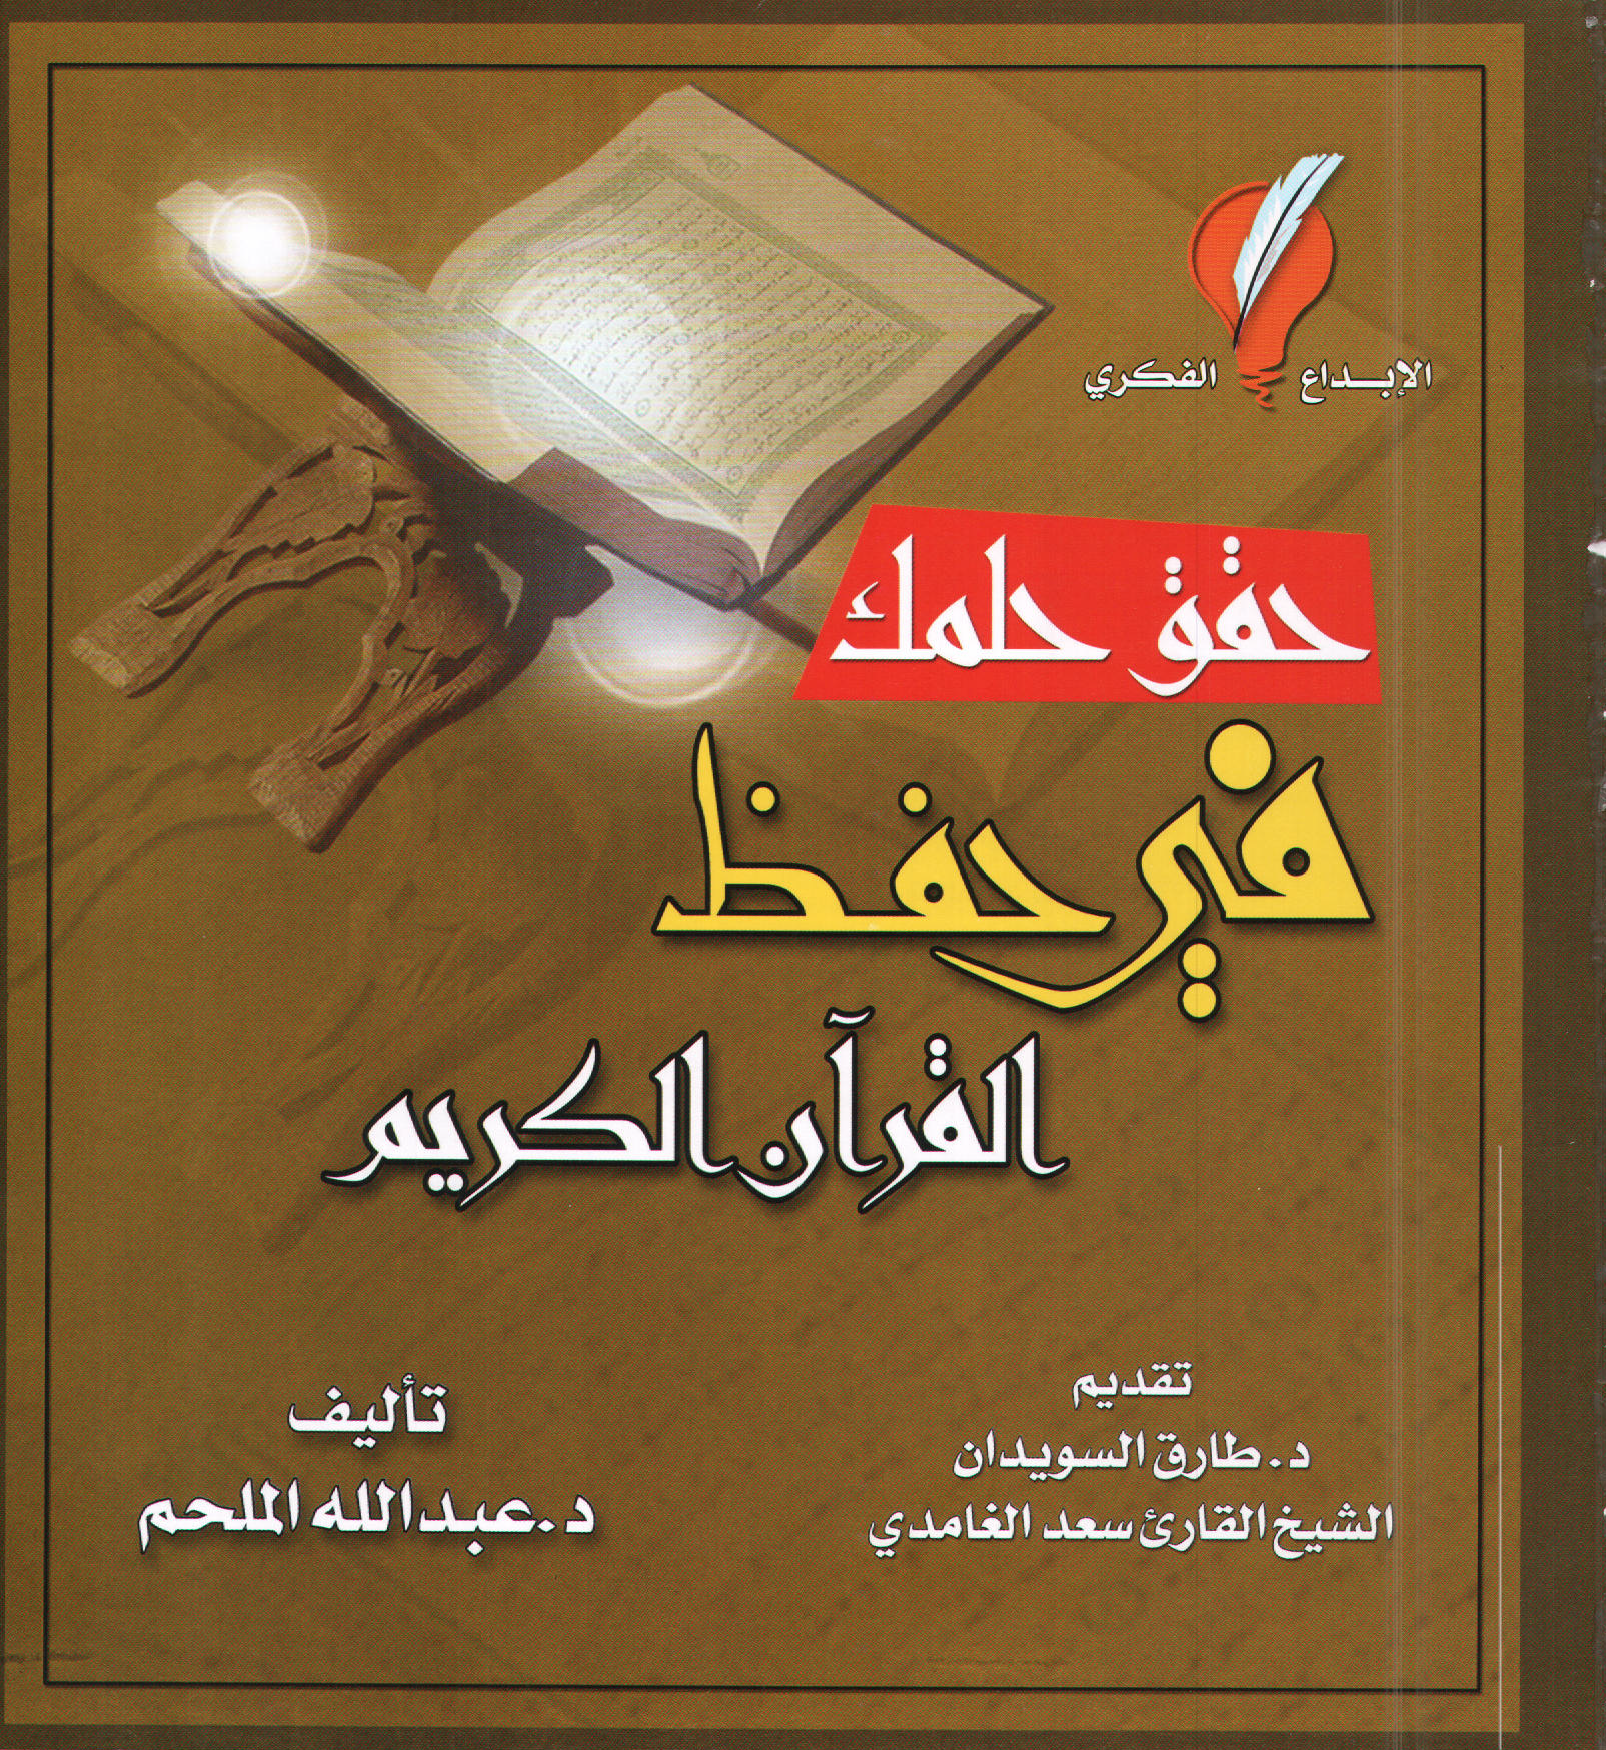 تحميل كتاب حقق حلمك في حفظ القرآن الكريم لـِ: الدكتور عبد الله بن أحمد بن محمد الملحم